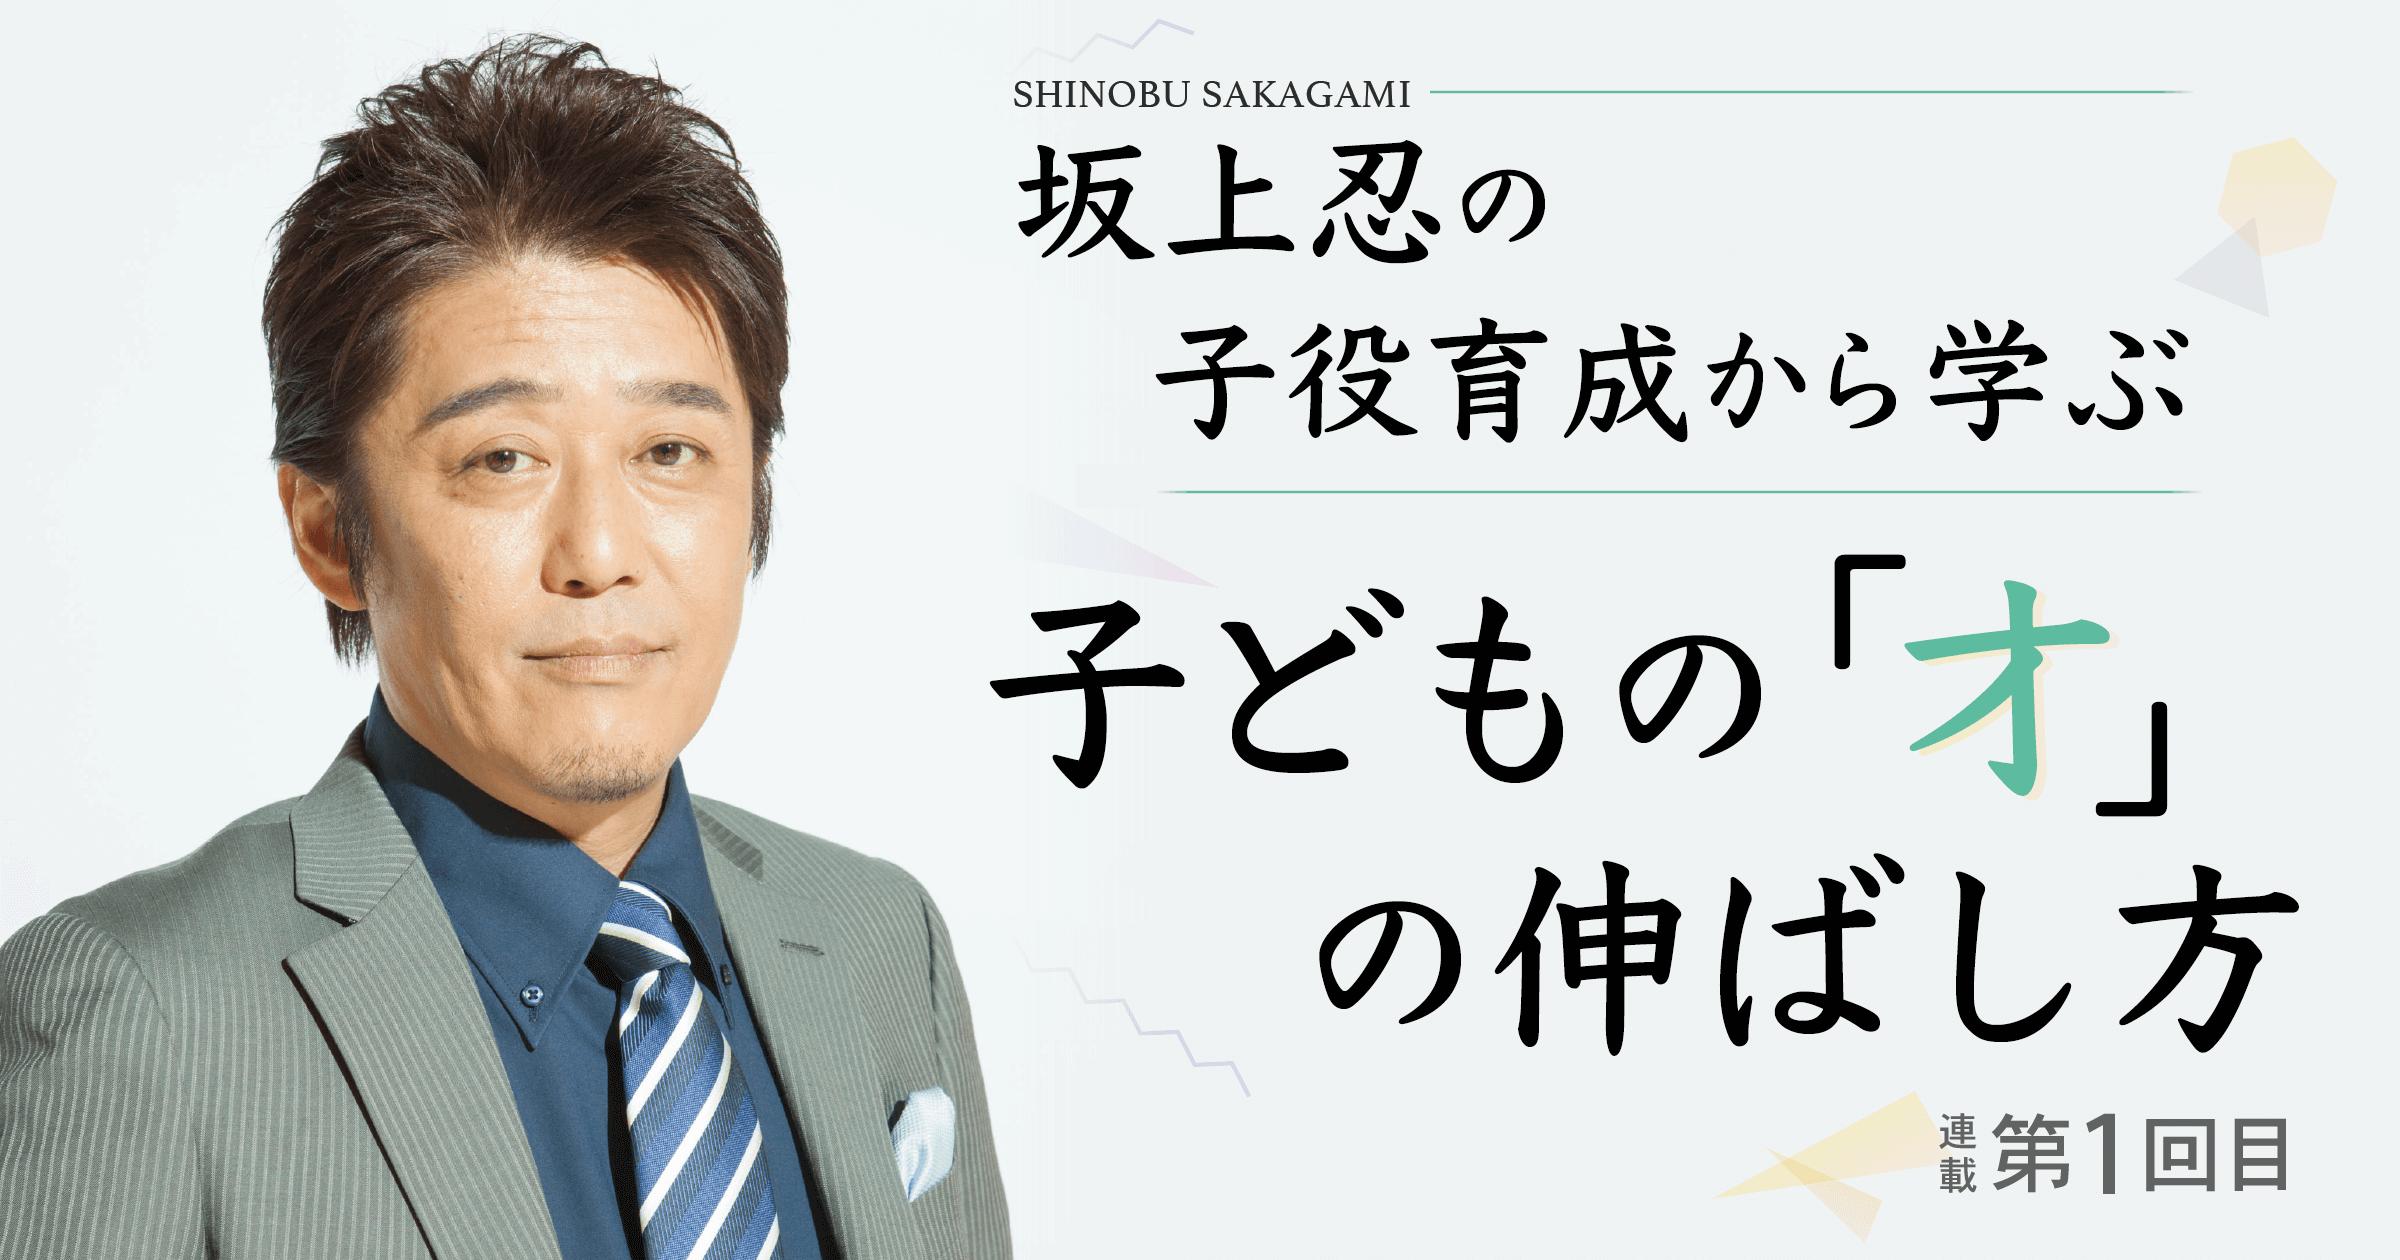 """坂上忍さんの子役育成から学ぶ 子どもの「才」の伸ばし方【第1回】~大人にとって""""都合のいい子""""とは~"""